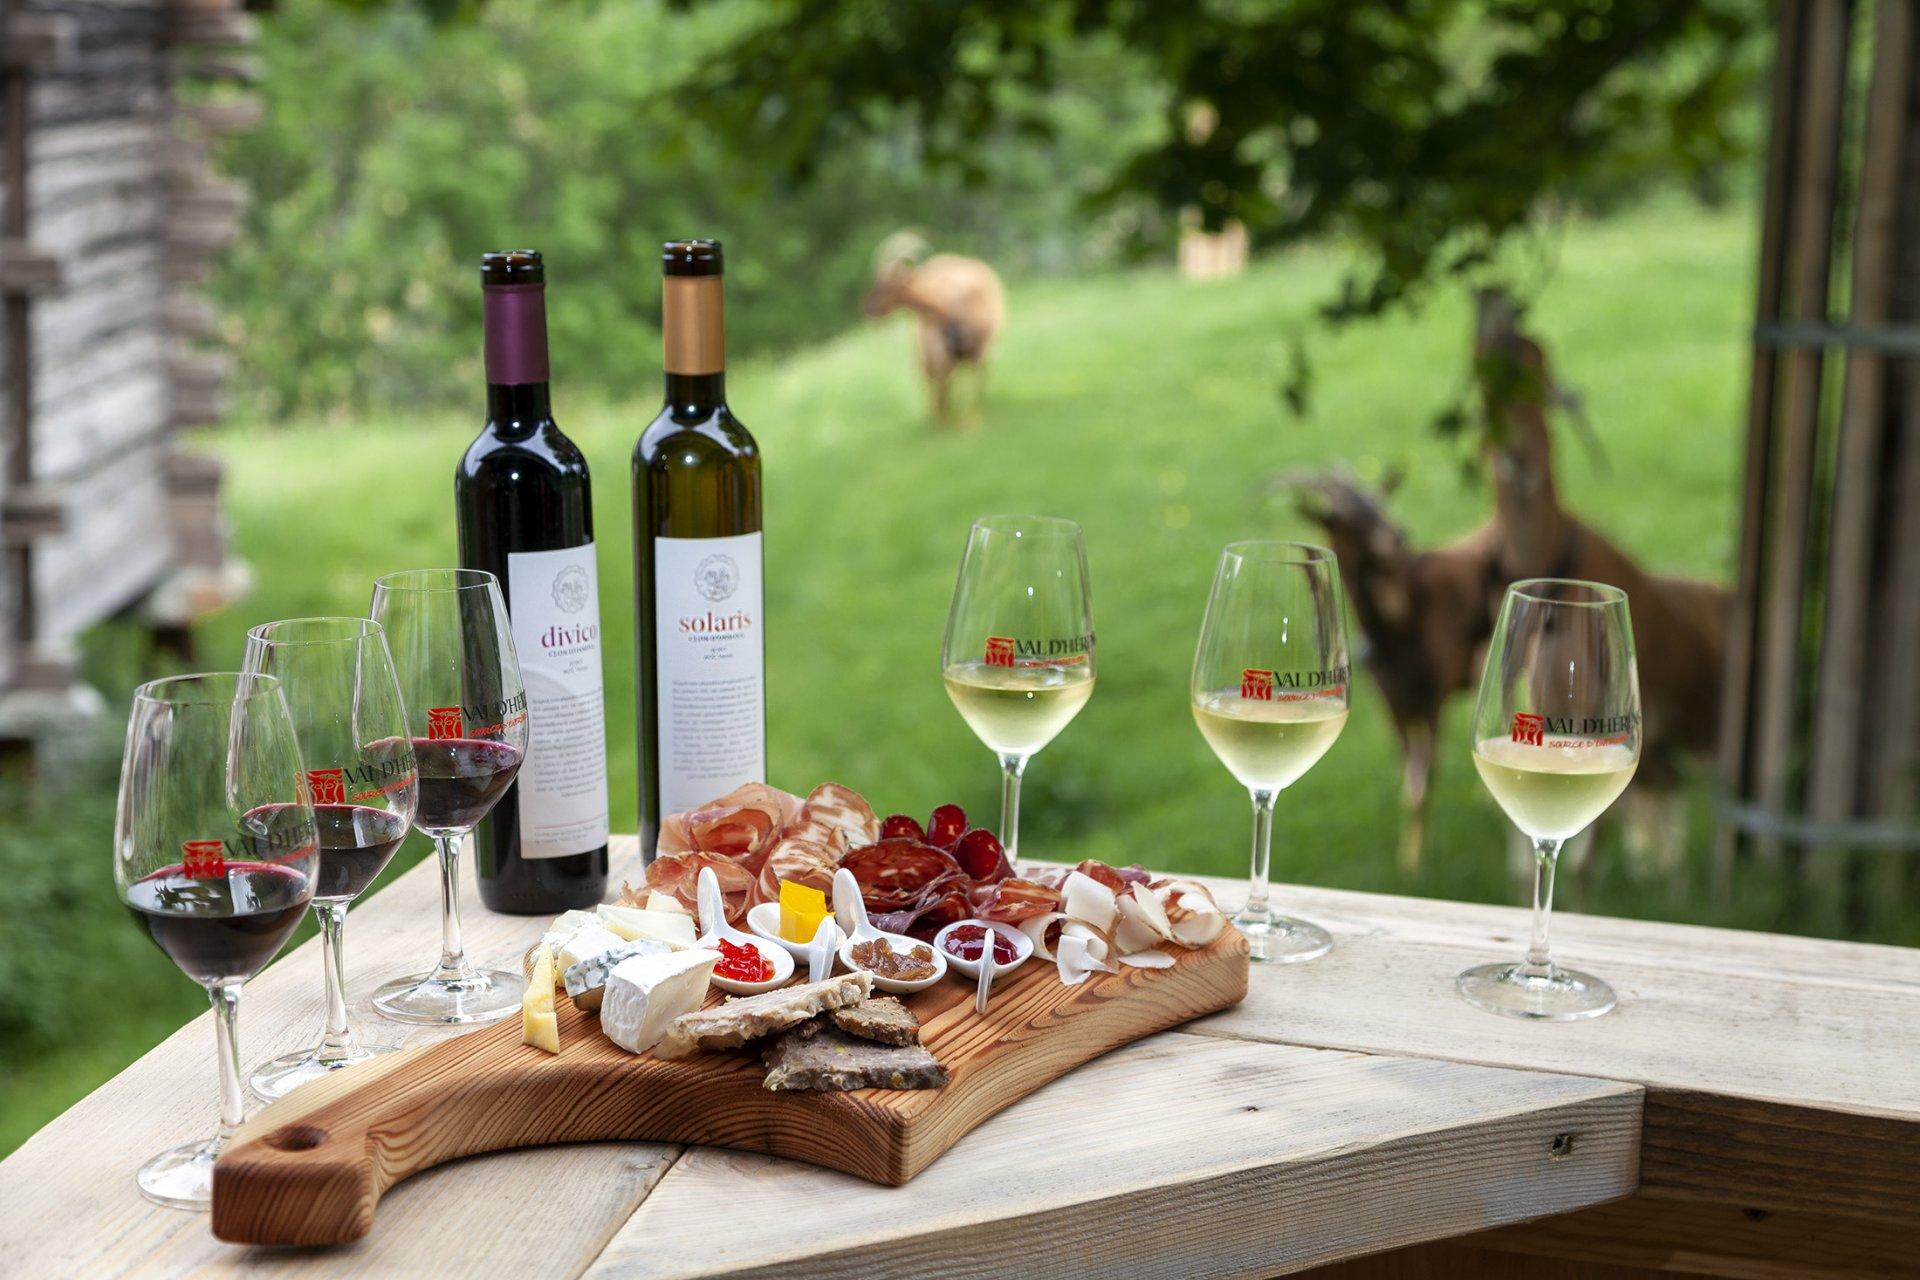 Le vin Solaris et Divico d'Ossona